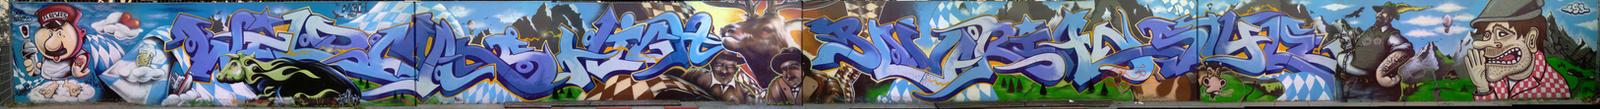 Graffiti: Bayern des san mir by Destro2k